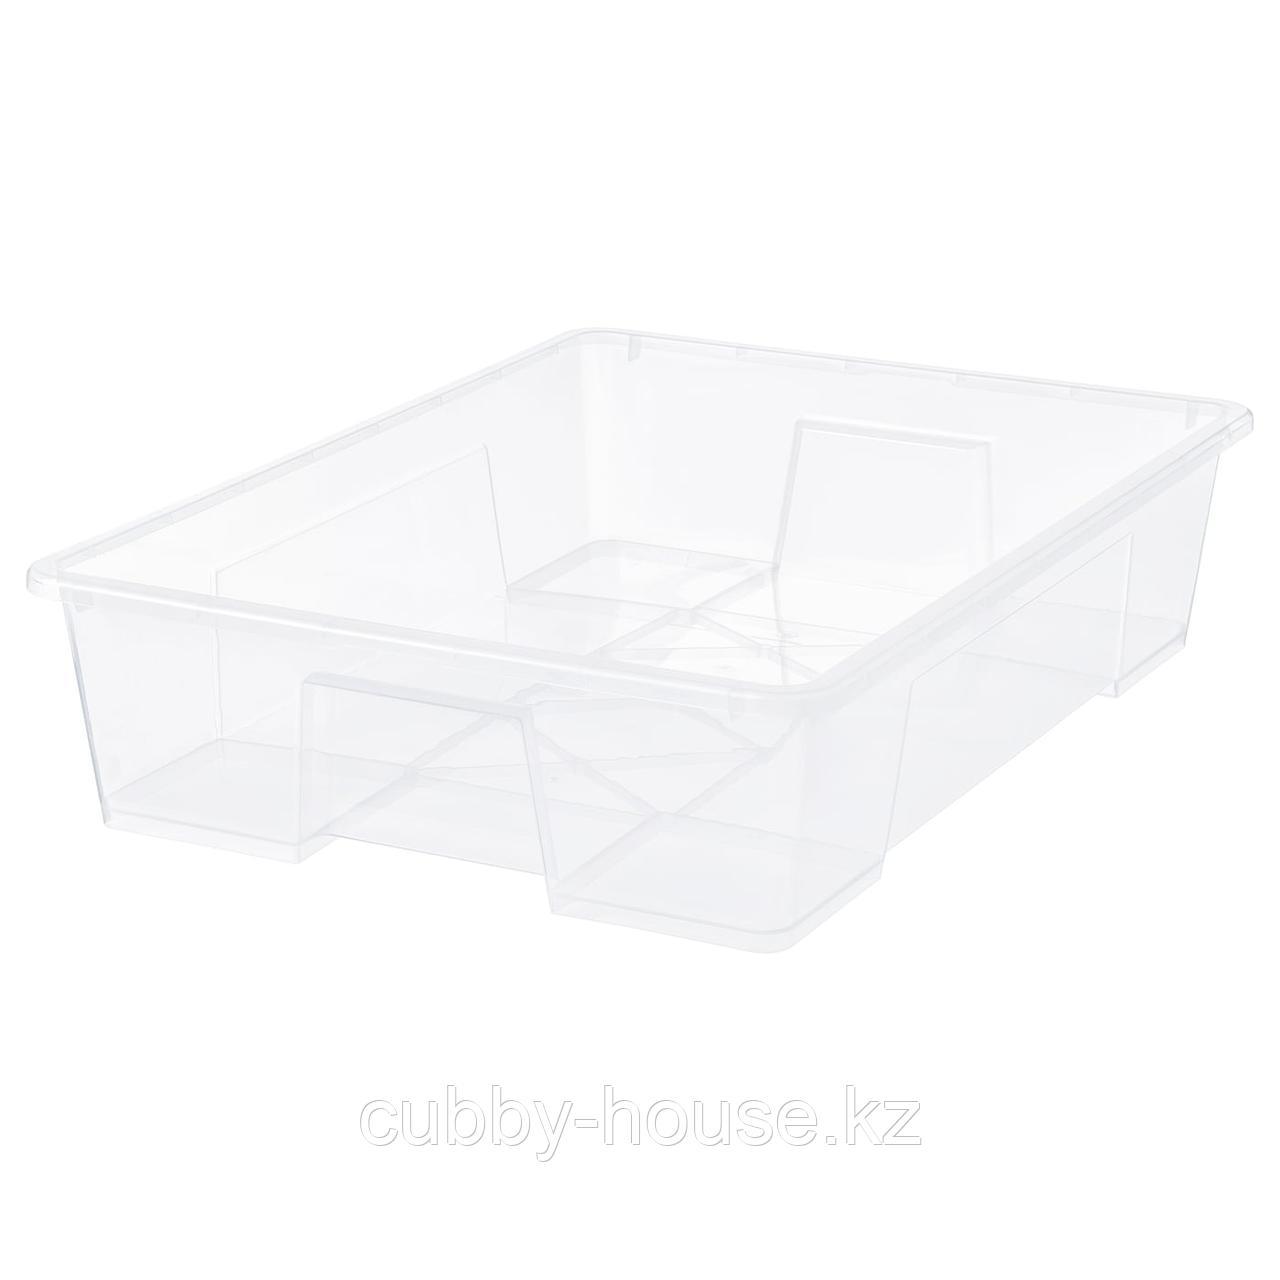 САМЛА Контейнер, прозрачный, 78x56x18 см/55 л